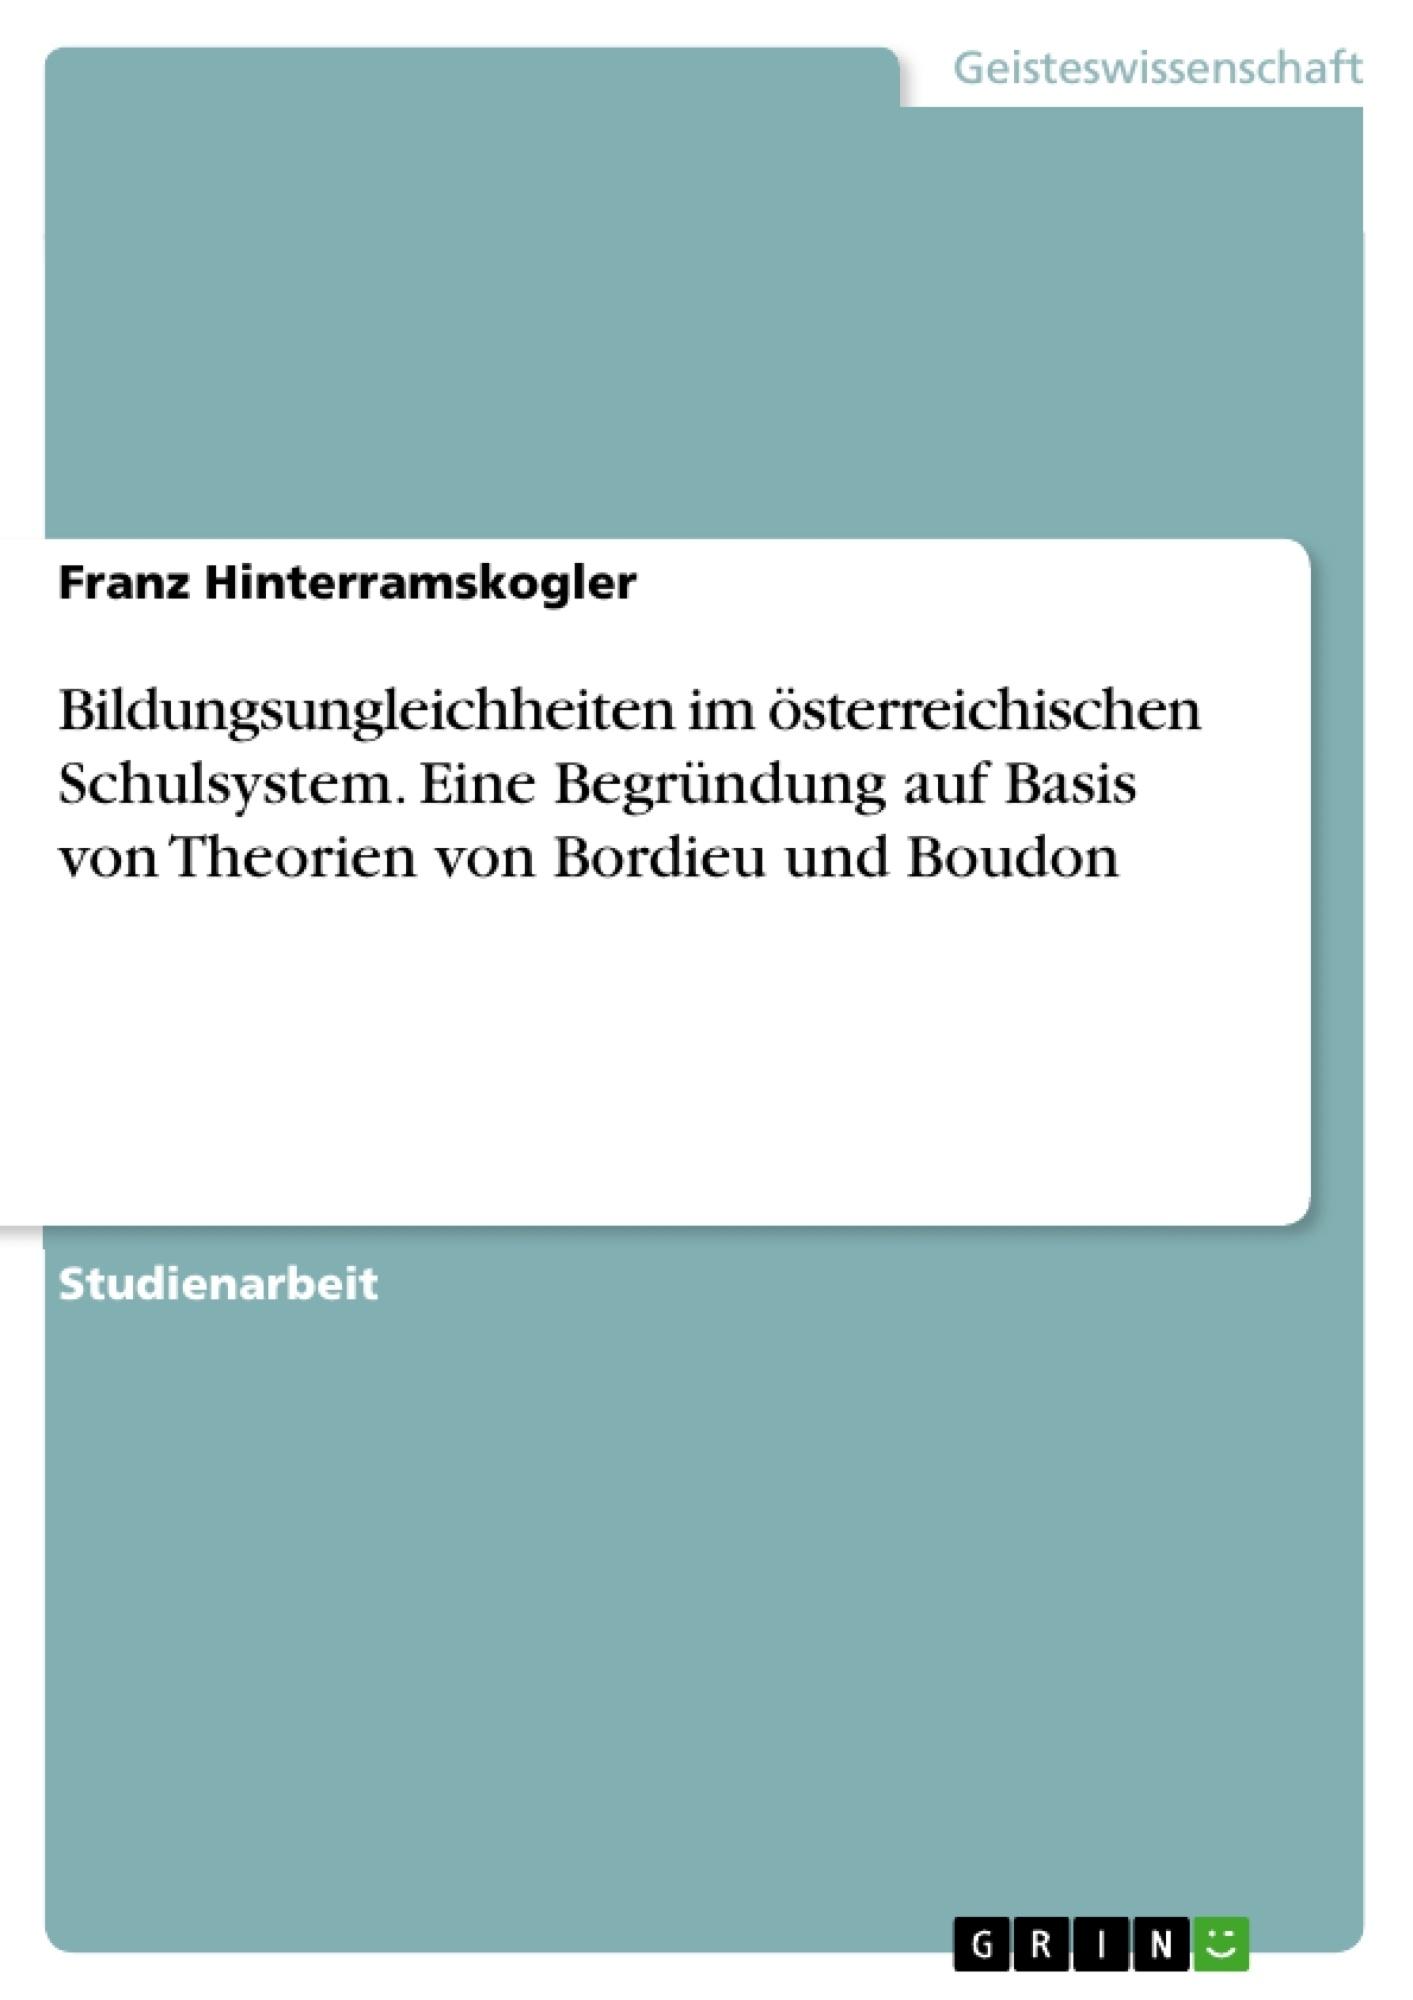 Titel: Bildungsungleichheiten im österreichischen Schulsystem. Eine Begründung auf Basis von Theorien von Bordieu und Boudon